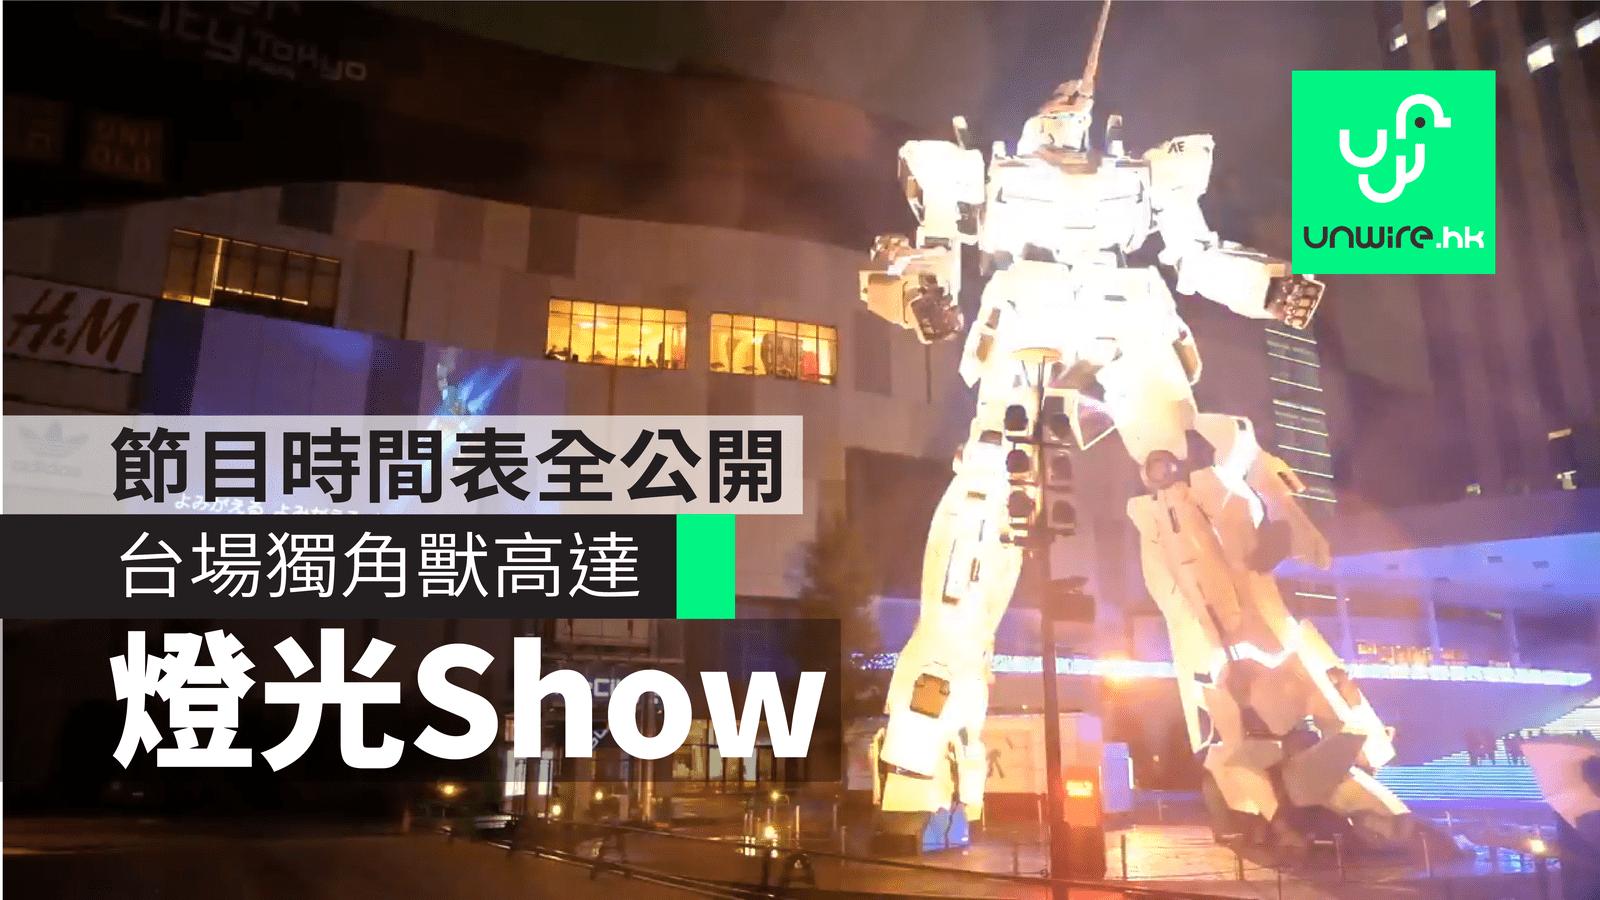 日本台場獨角獸高達1:1 Unicorn Gundam 晚間燈光Show時間表全公開 | 香港 UNWIRE.HK 玩生活.樂科技